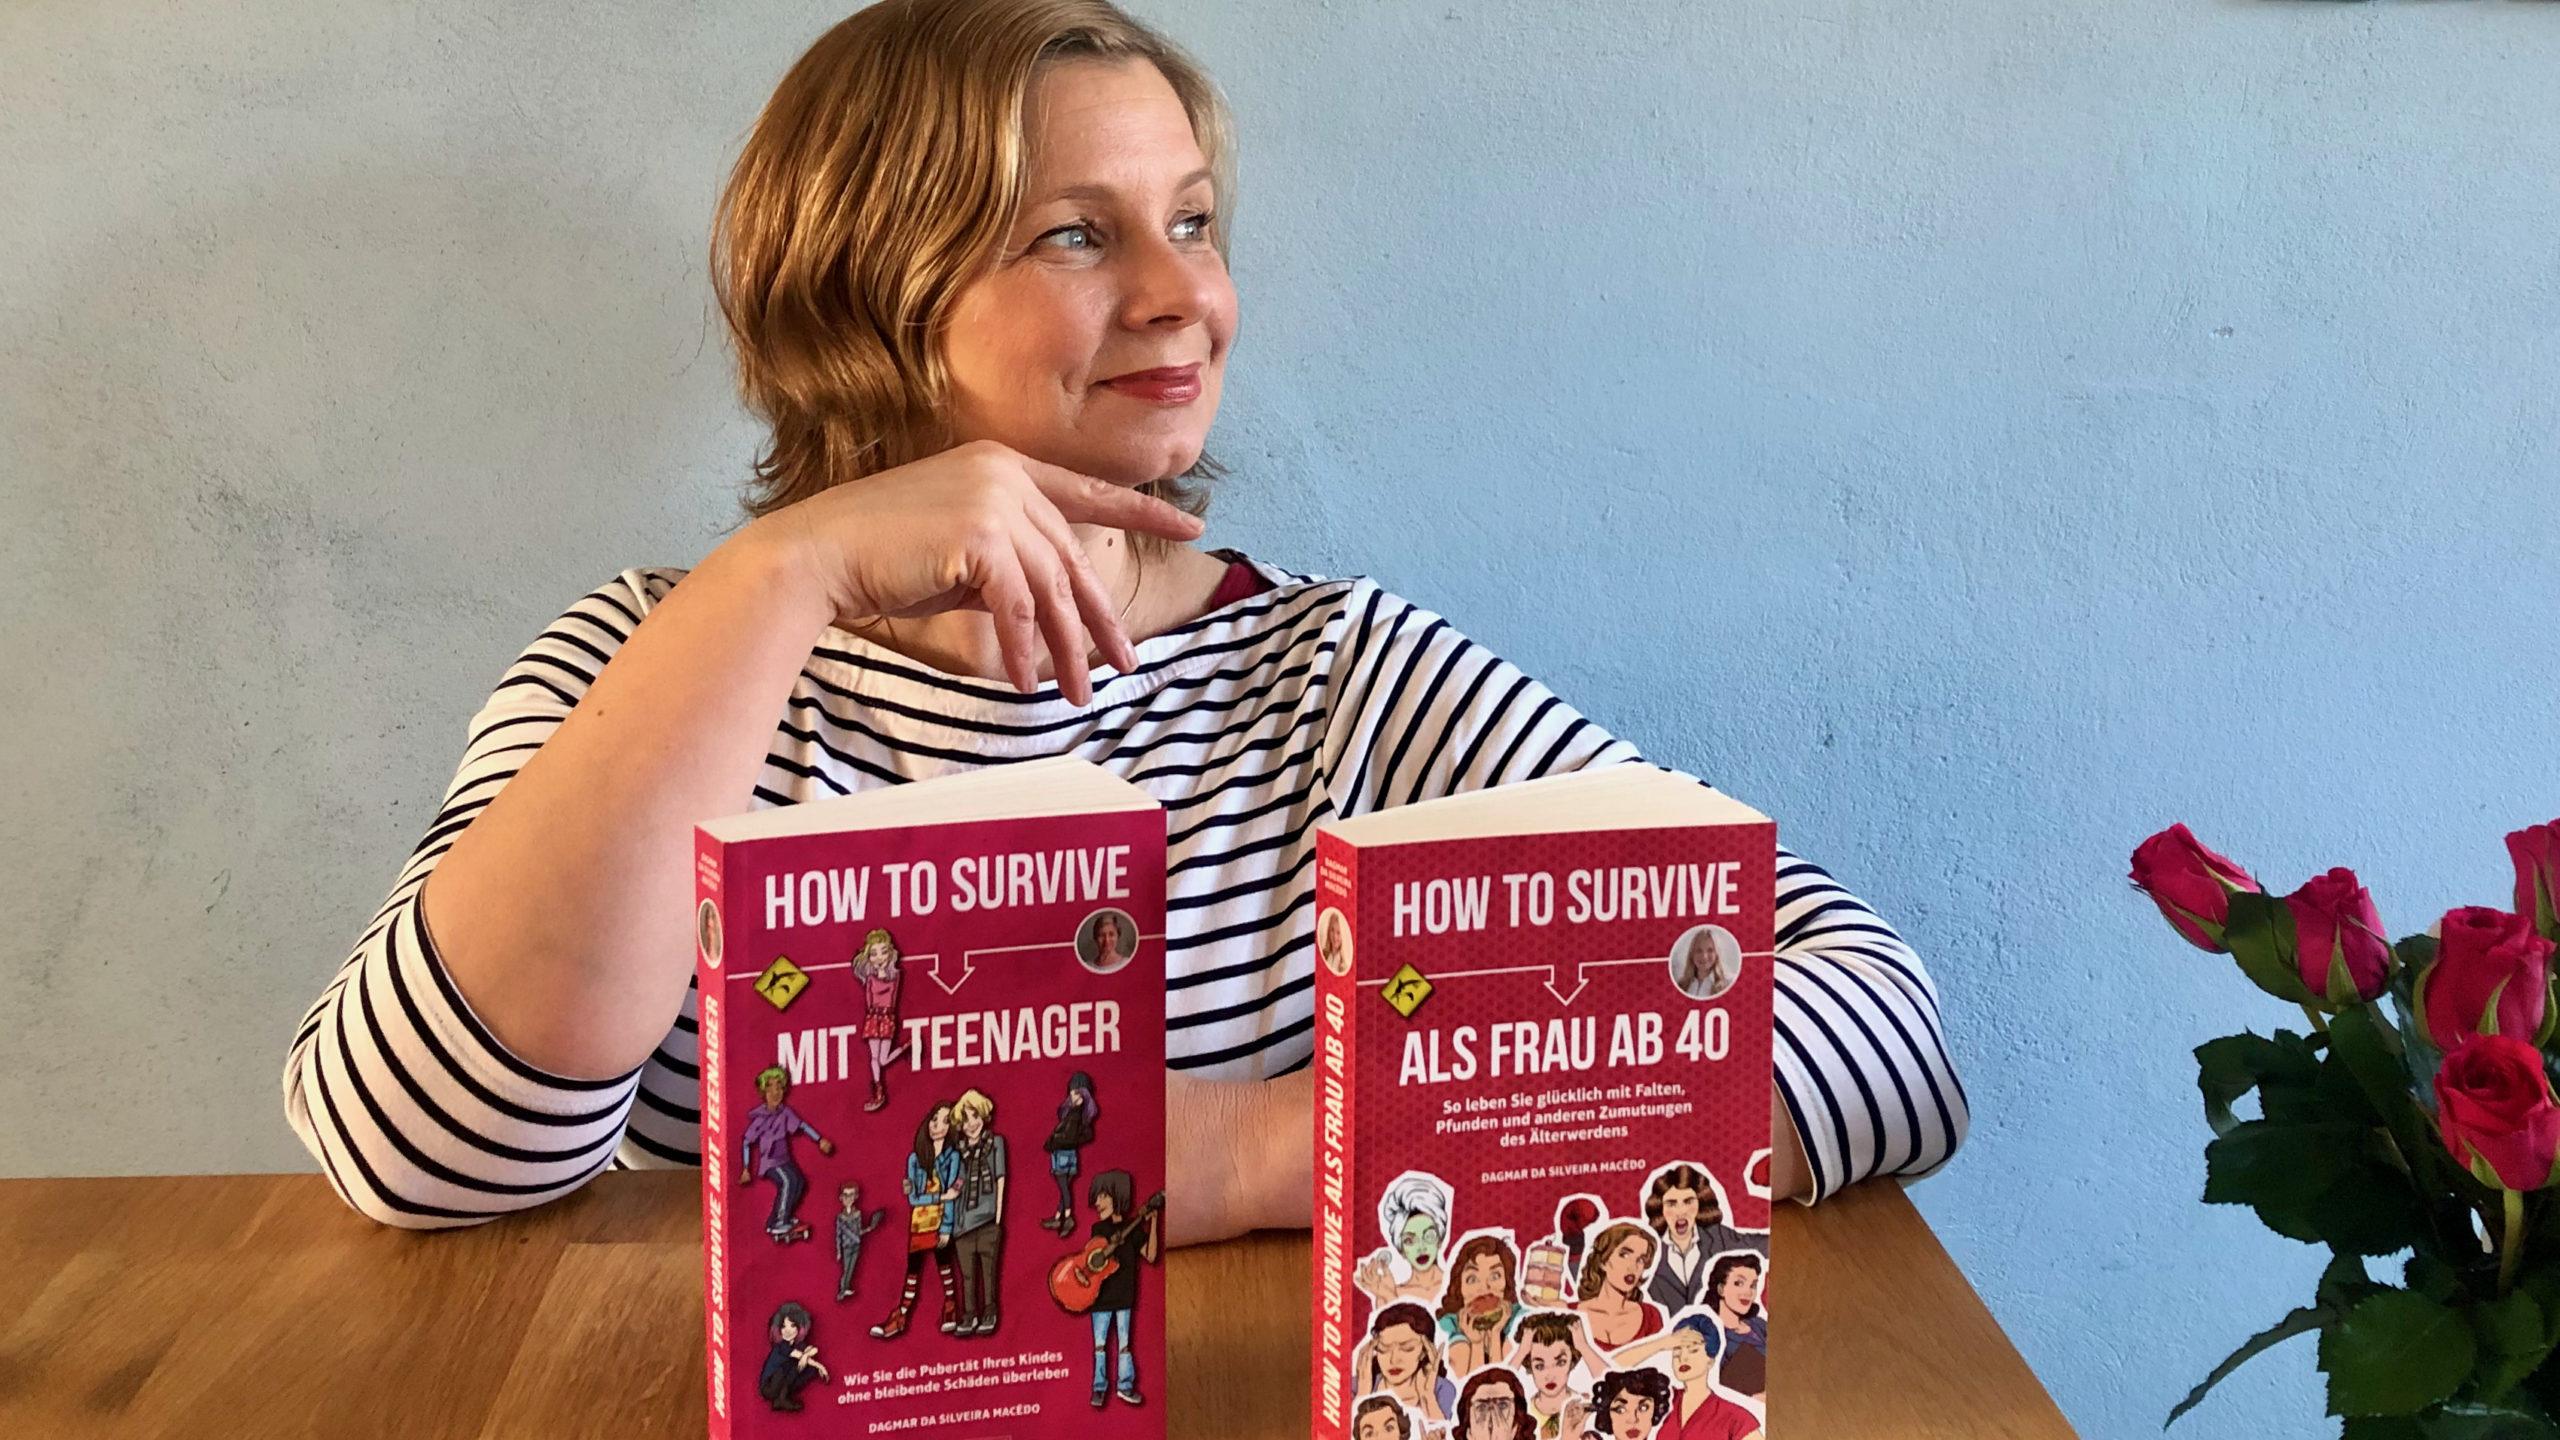 Dagmar mit den beiden How to survive-Büchern